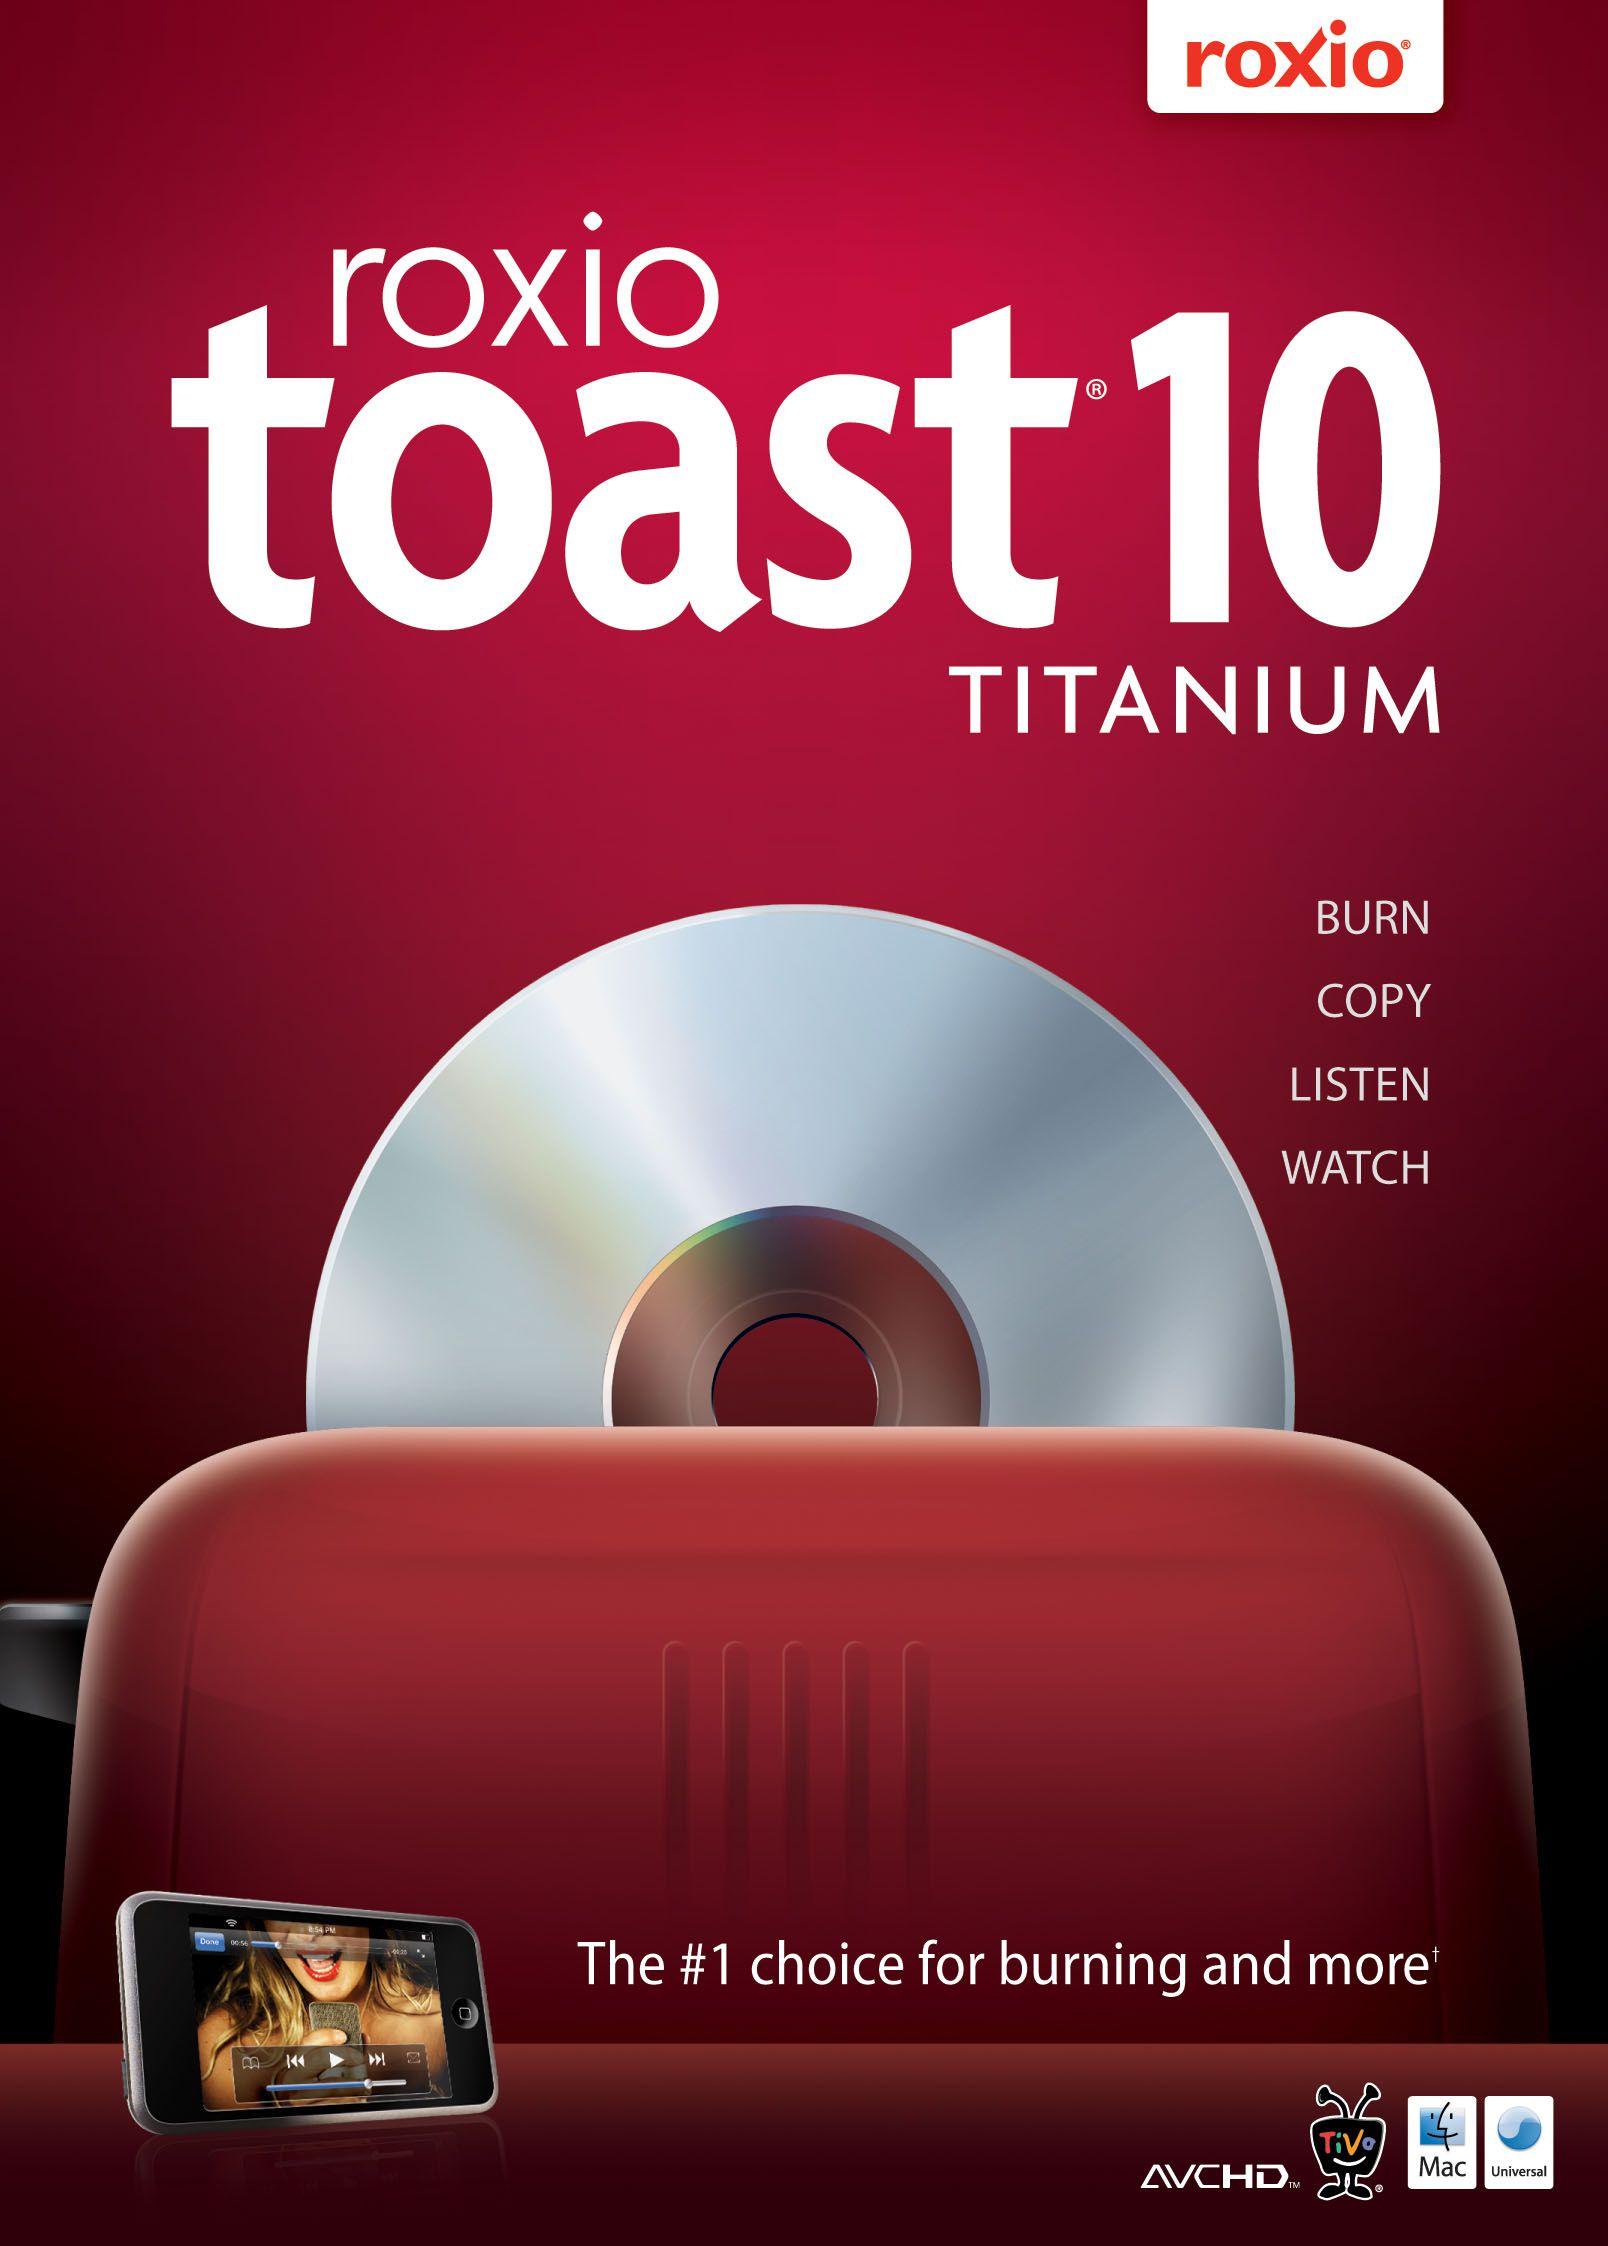 Roxio toast 9 titanium sale